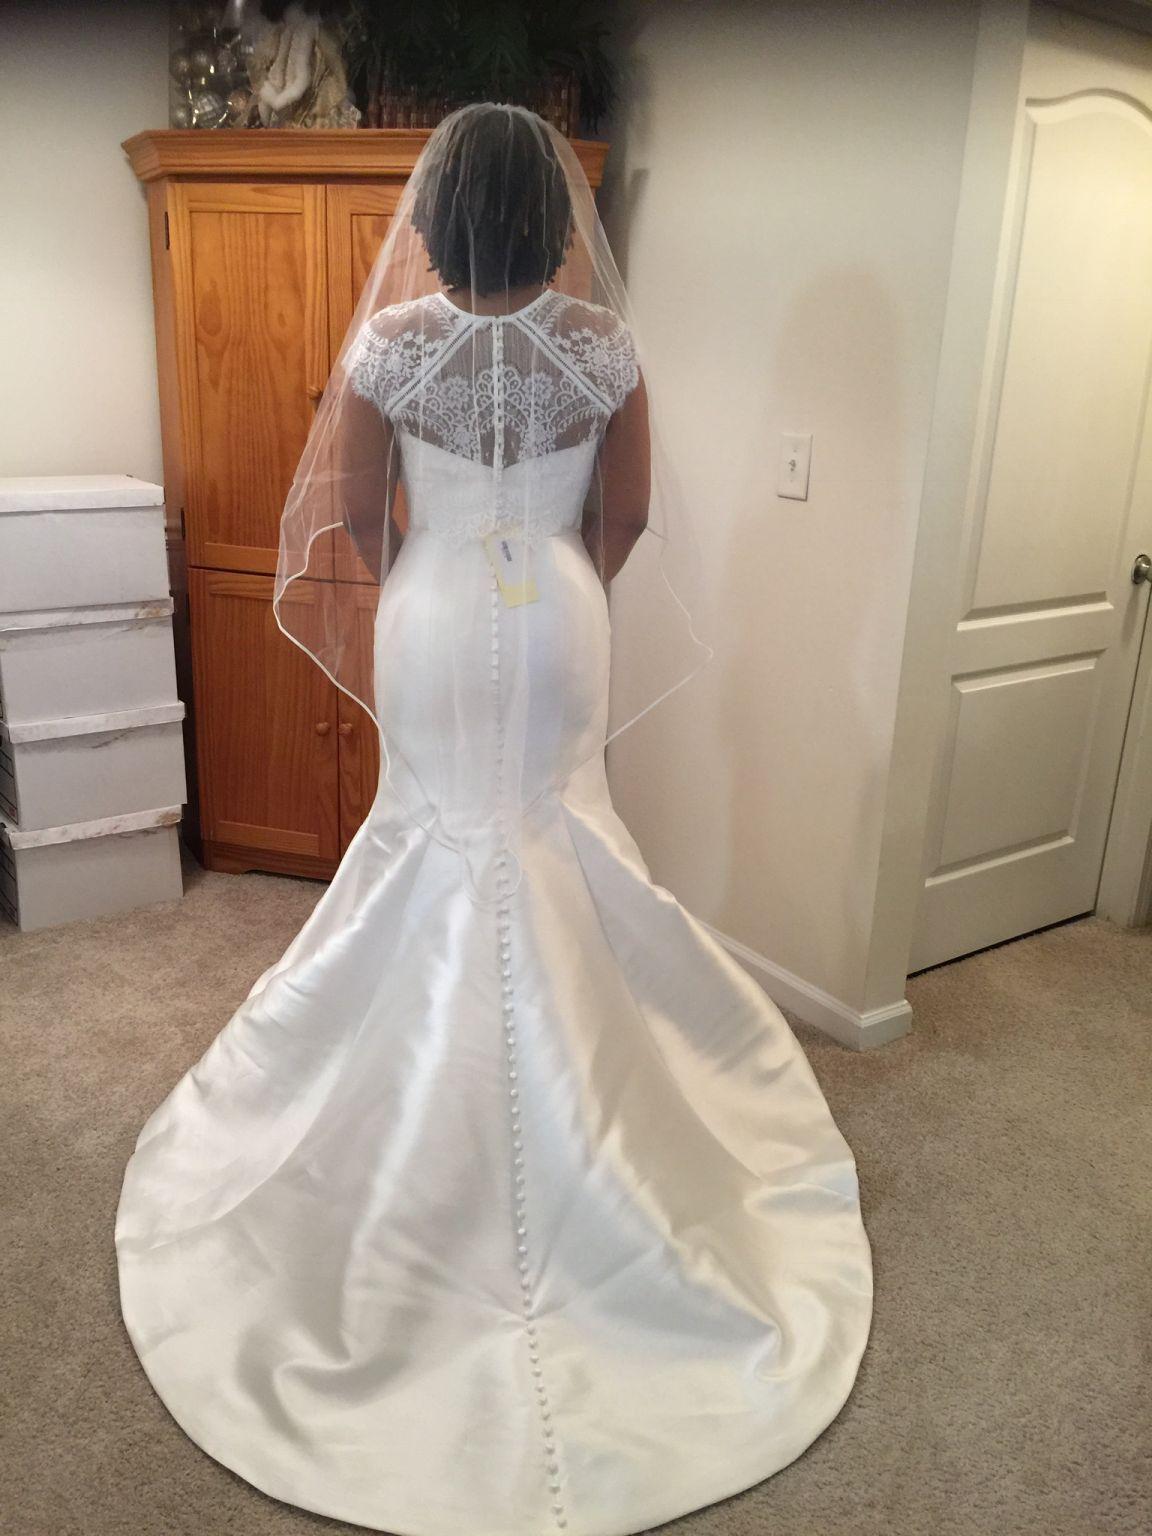 Allure Bridals 3000 Wedding Dress New Size 16 539 Dresses Wedding Dresses Allure Bridal [ 1536 x 1152 Pixel ]